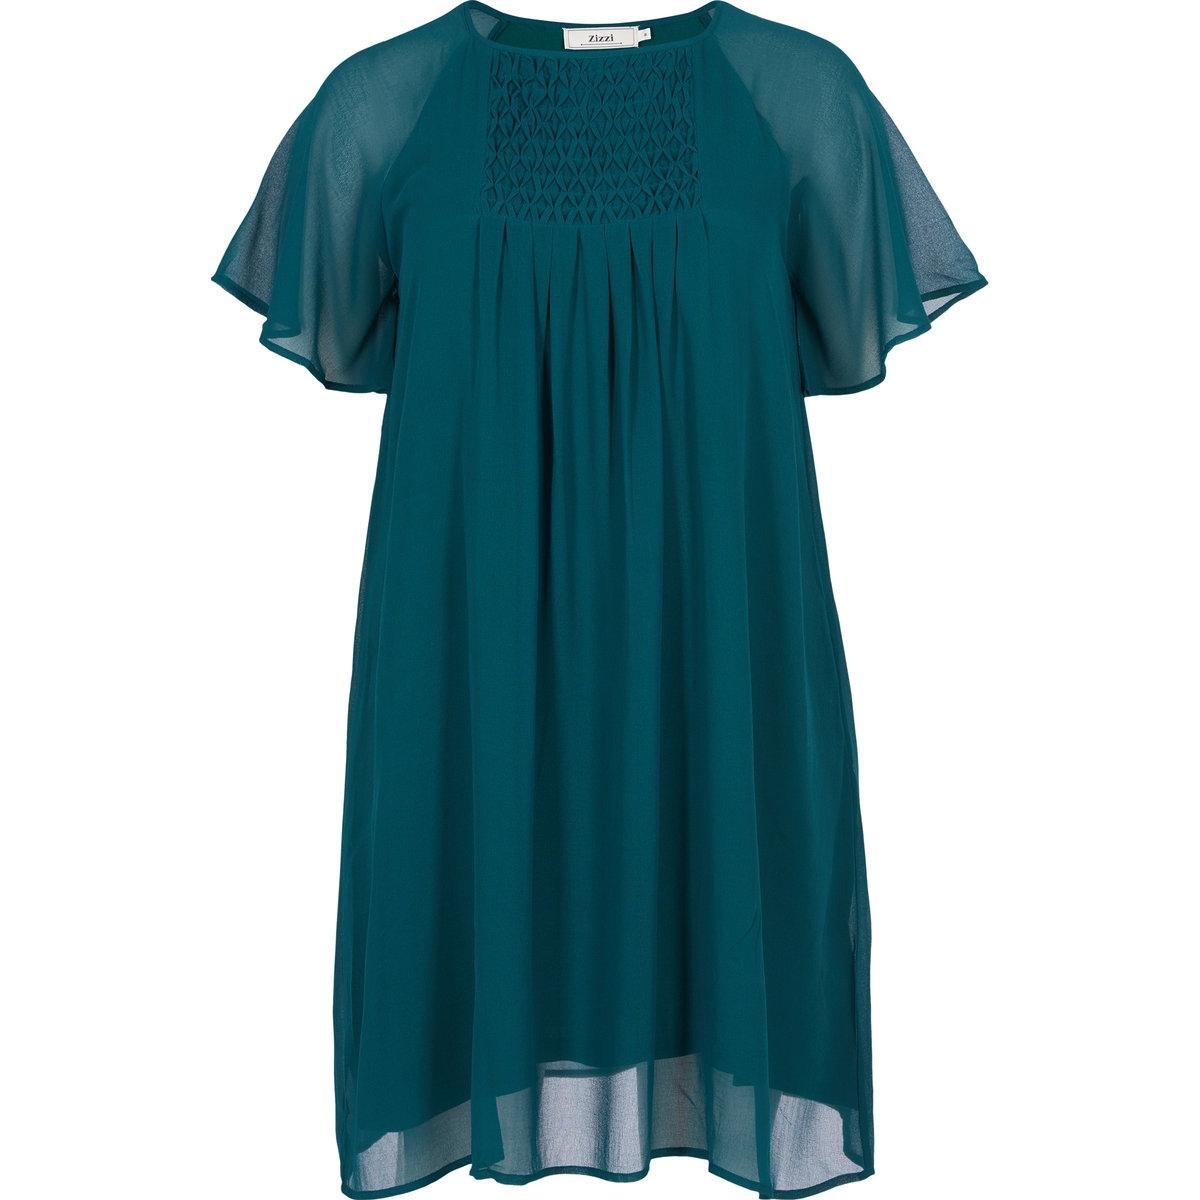 Платье с короткими рукавамиПлатье с короткими рукавами ZIZZI . Круглый вырез . Короткие рукава из полупрозрачной ткани. Свободный покрой, струящийся материал. 100% полиэстера Соответствие размеров   : S= 42/44, M= 46/48, L= 50/52, XL = 54/56<br><br>Цвет: темно-зеленый<br>Размер: M